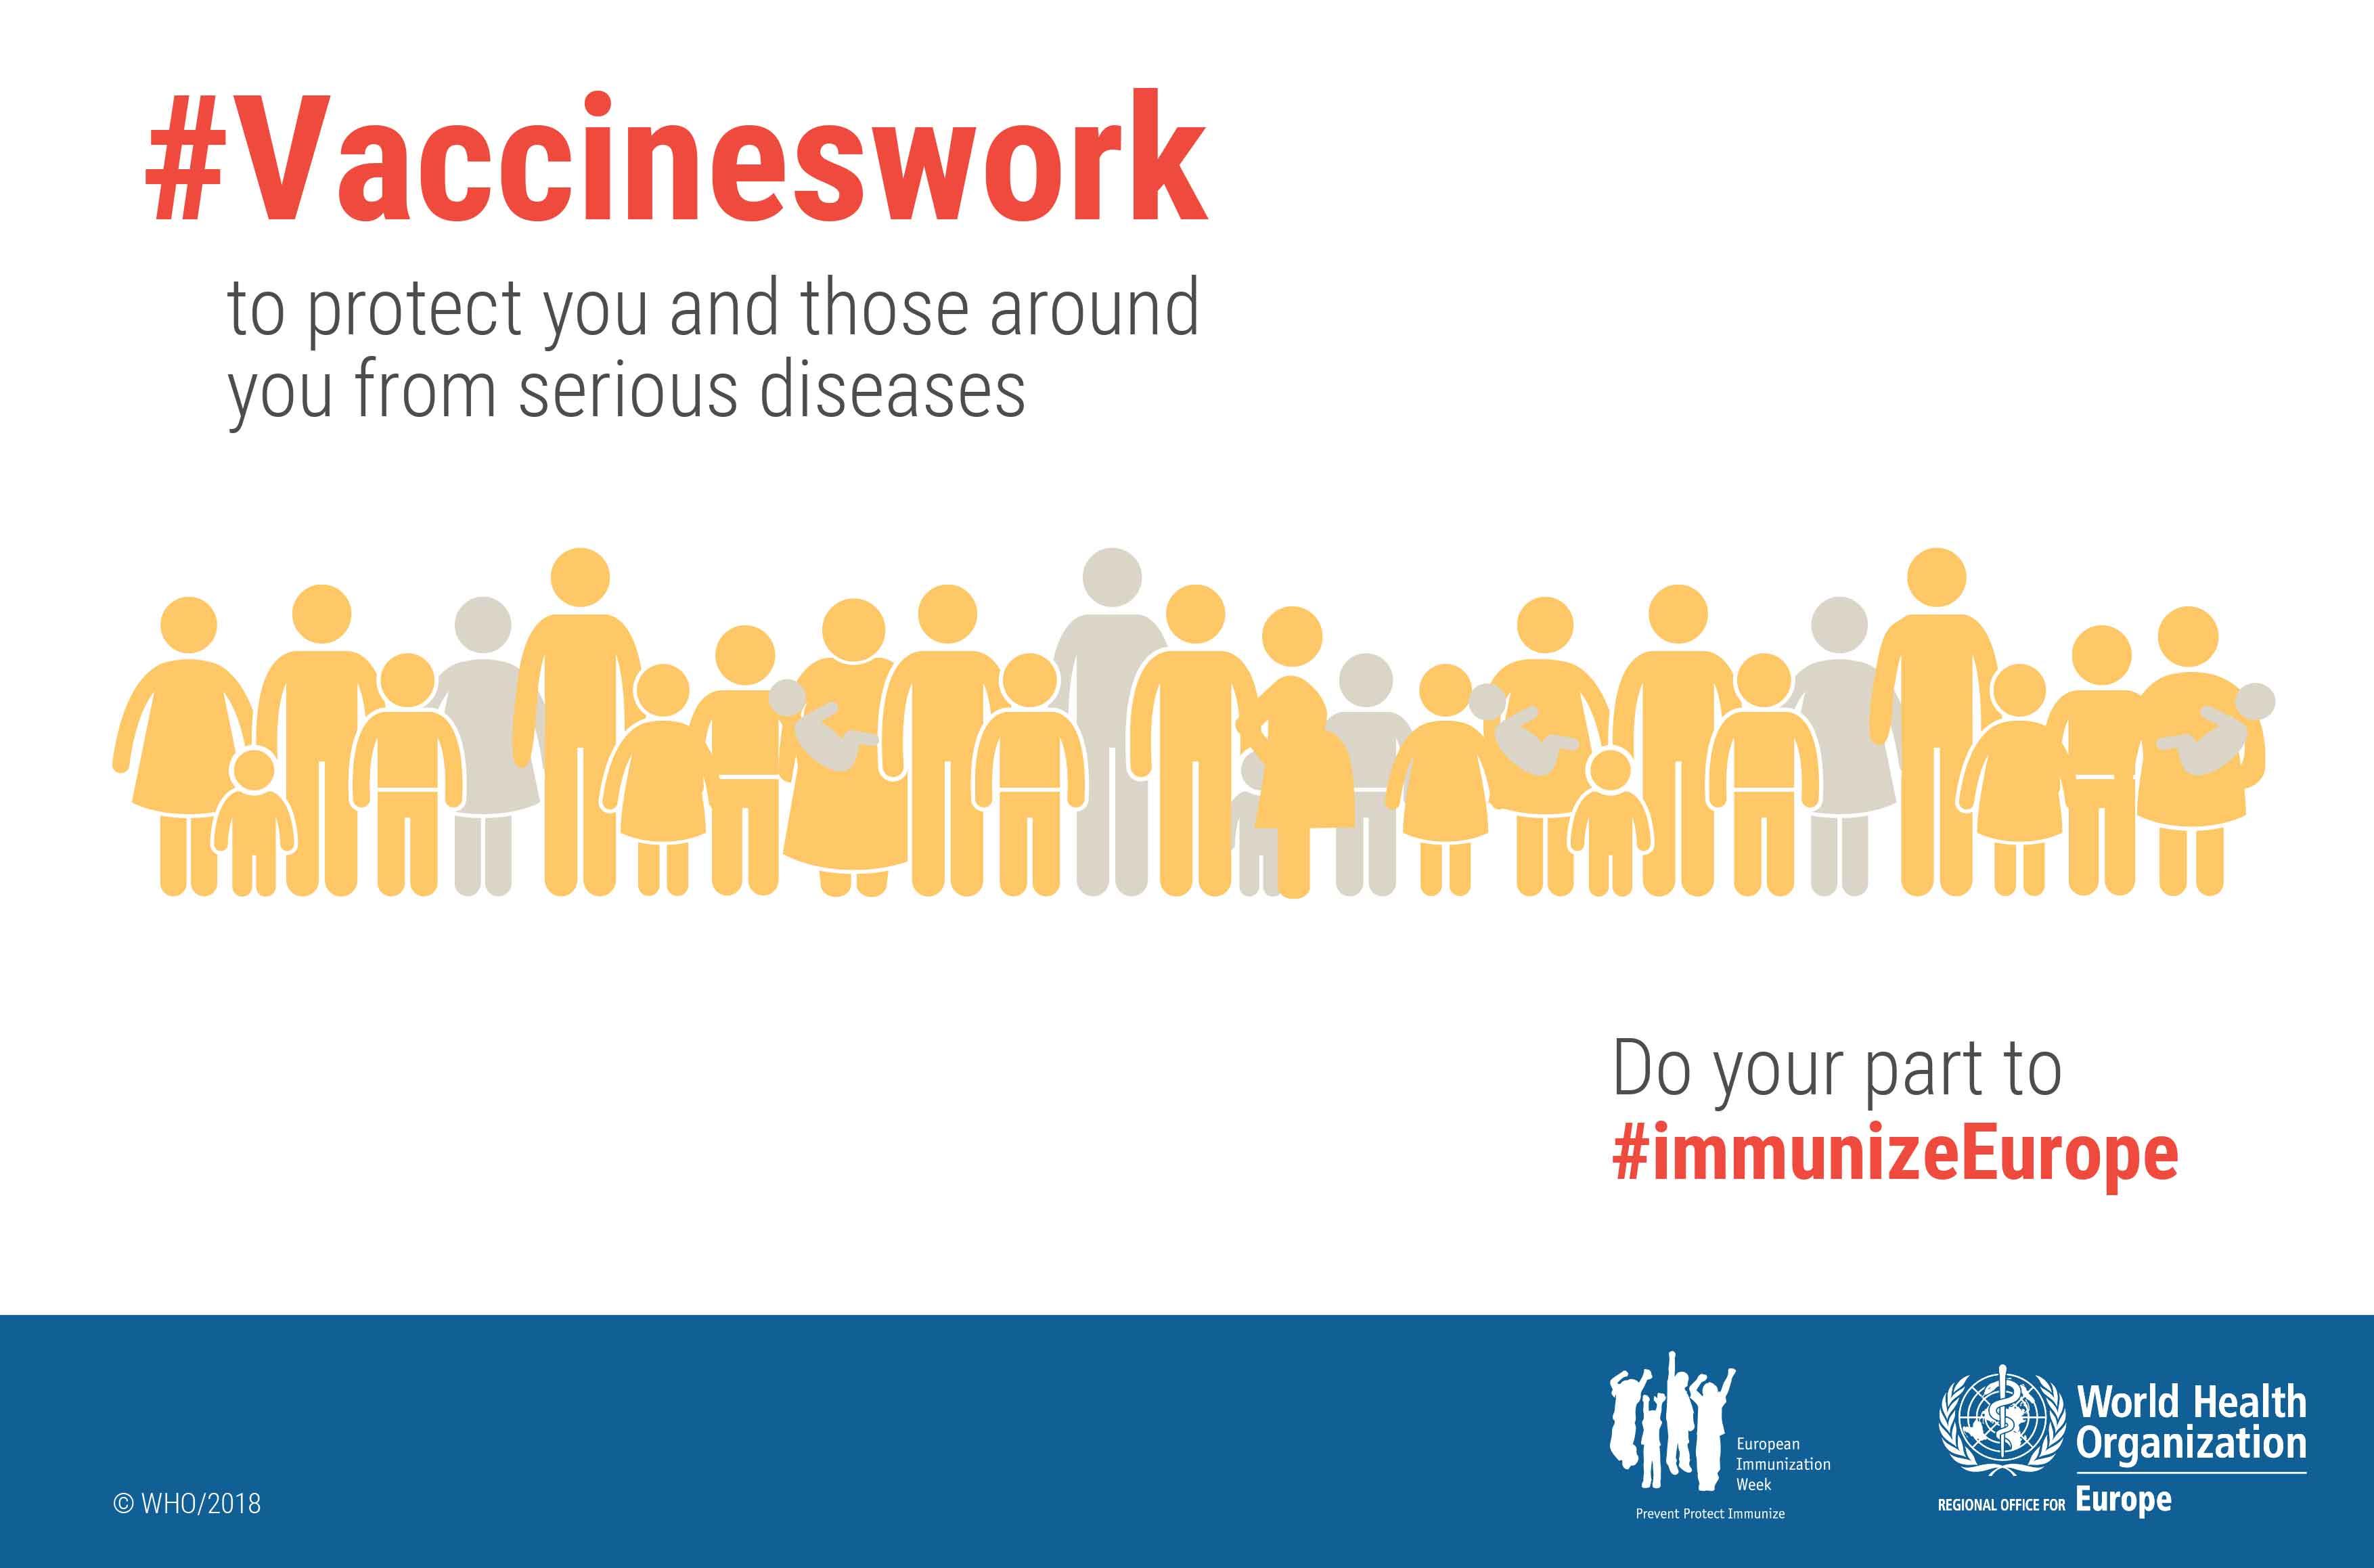 Europäische Impfwoche 2018: Impfung ist ein individuelles Recht und eine gemeinsame Verantwortung